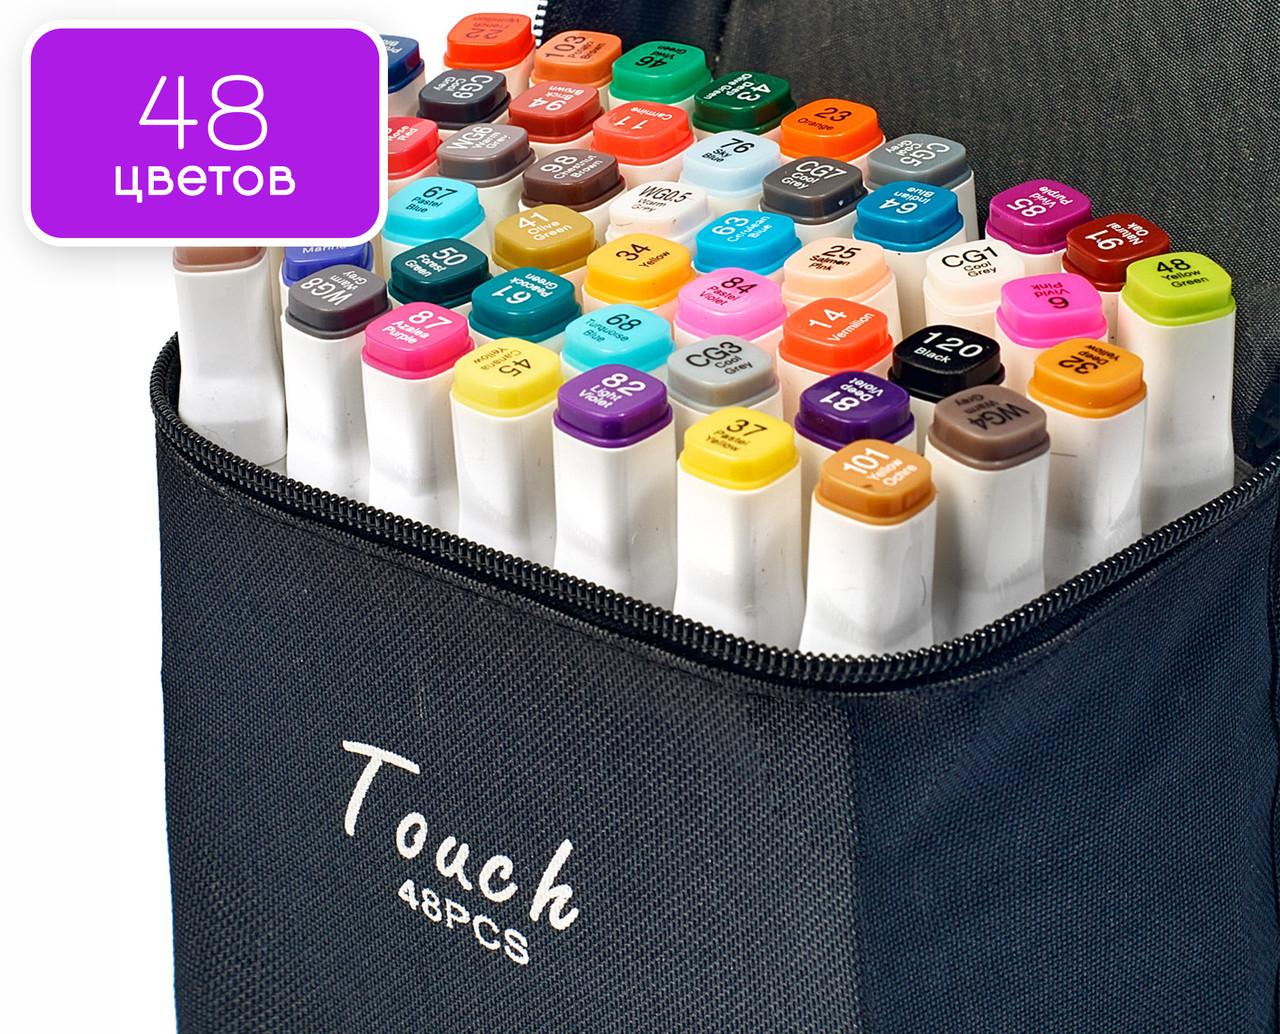 Профессиональные маркеры 48 цветов Touch Sketch, Двусторонние спиртовые маркеры для рисования скетчей